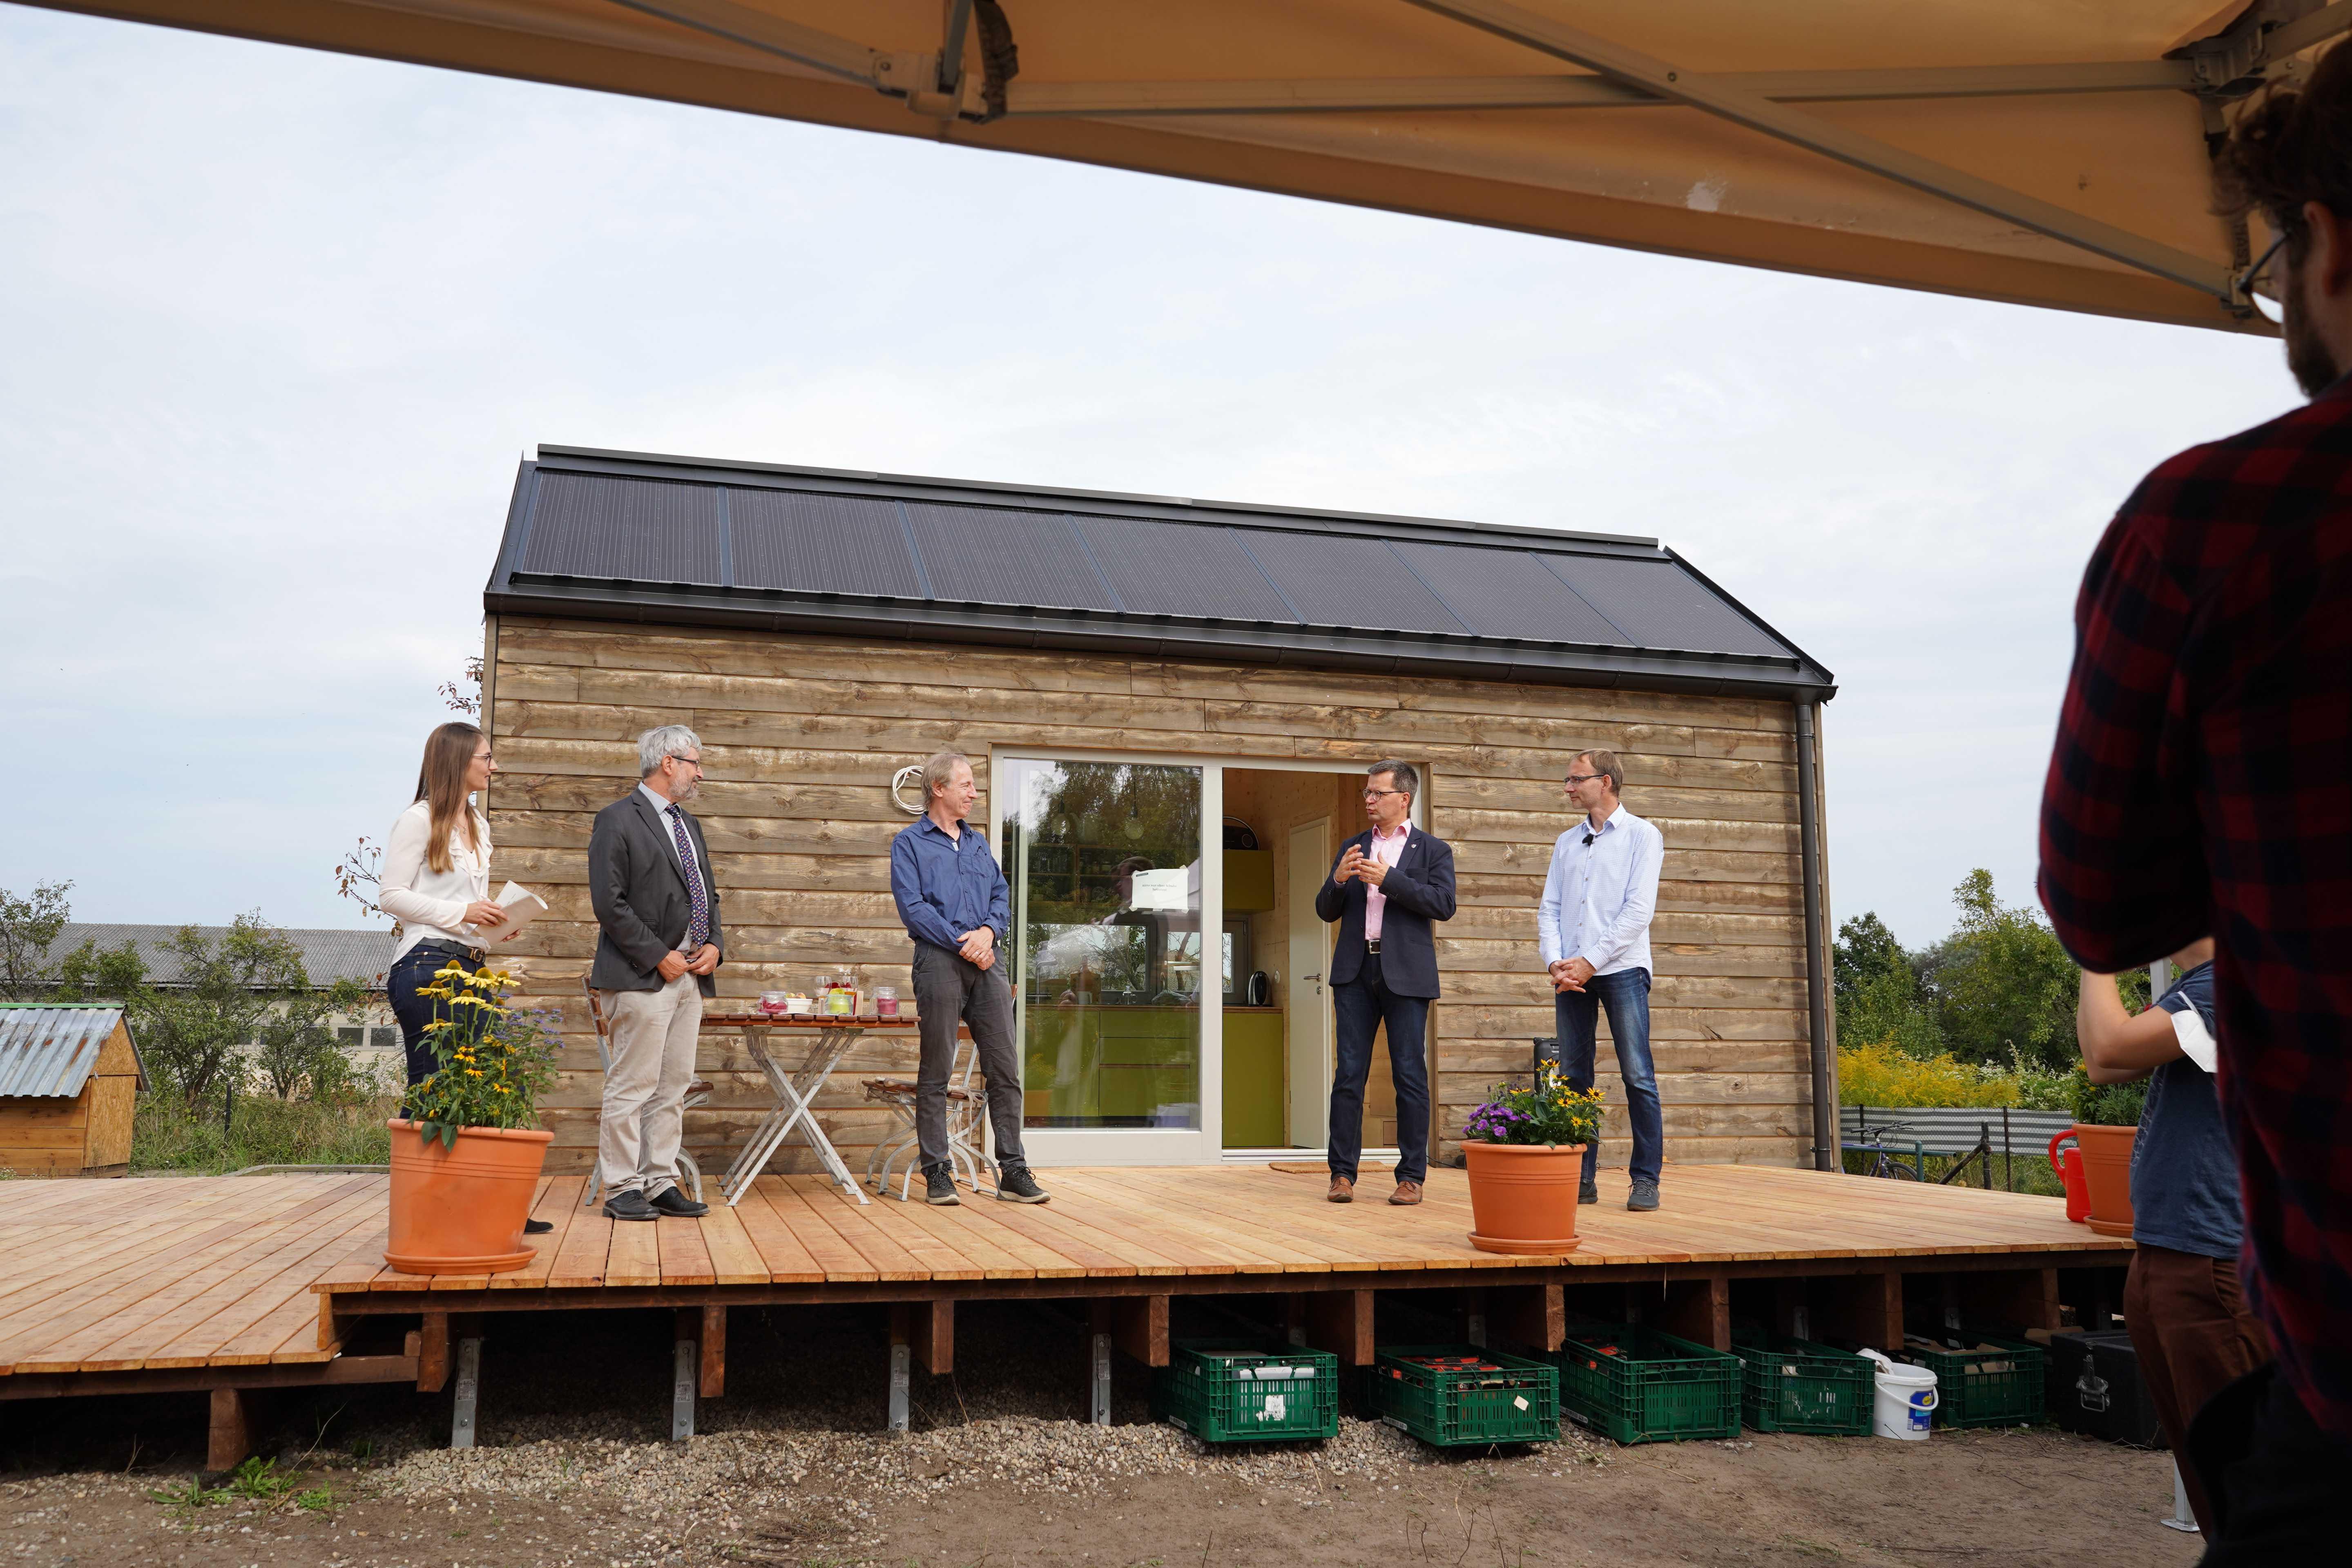 Podiumsgäste bei der Eröffnung des Tiny Houses in Raddusch. Foto: Valentina Troendle